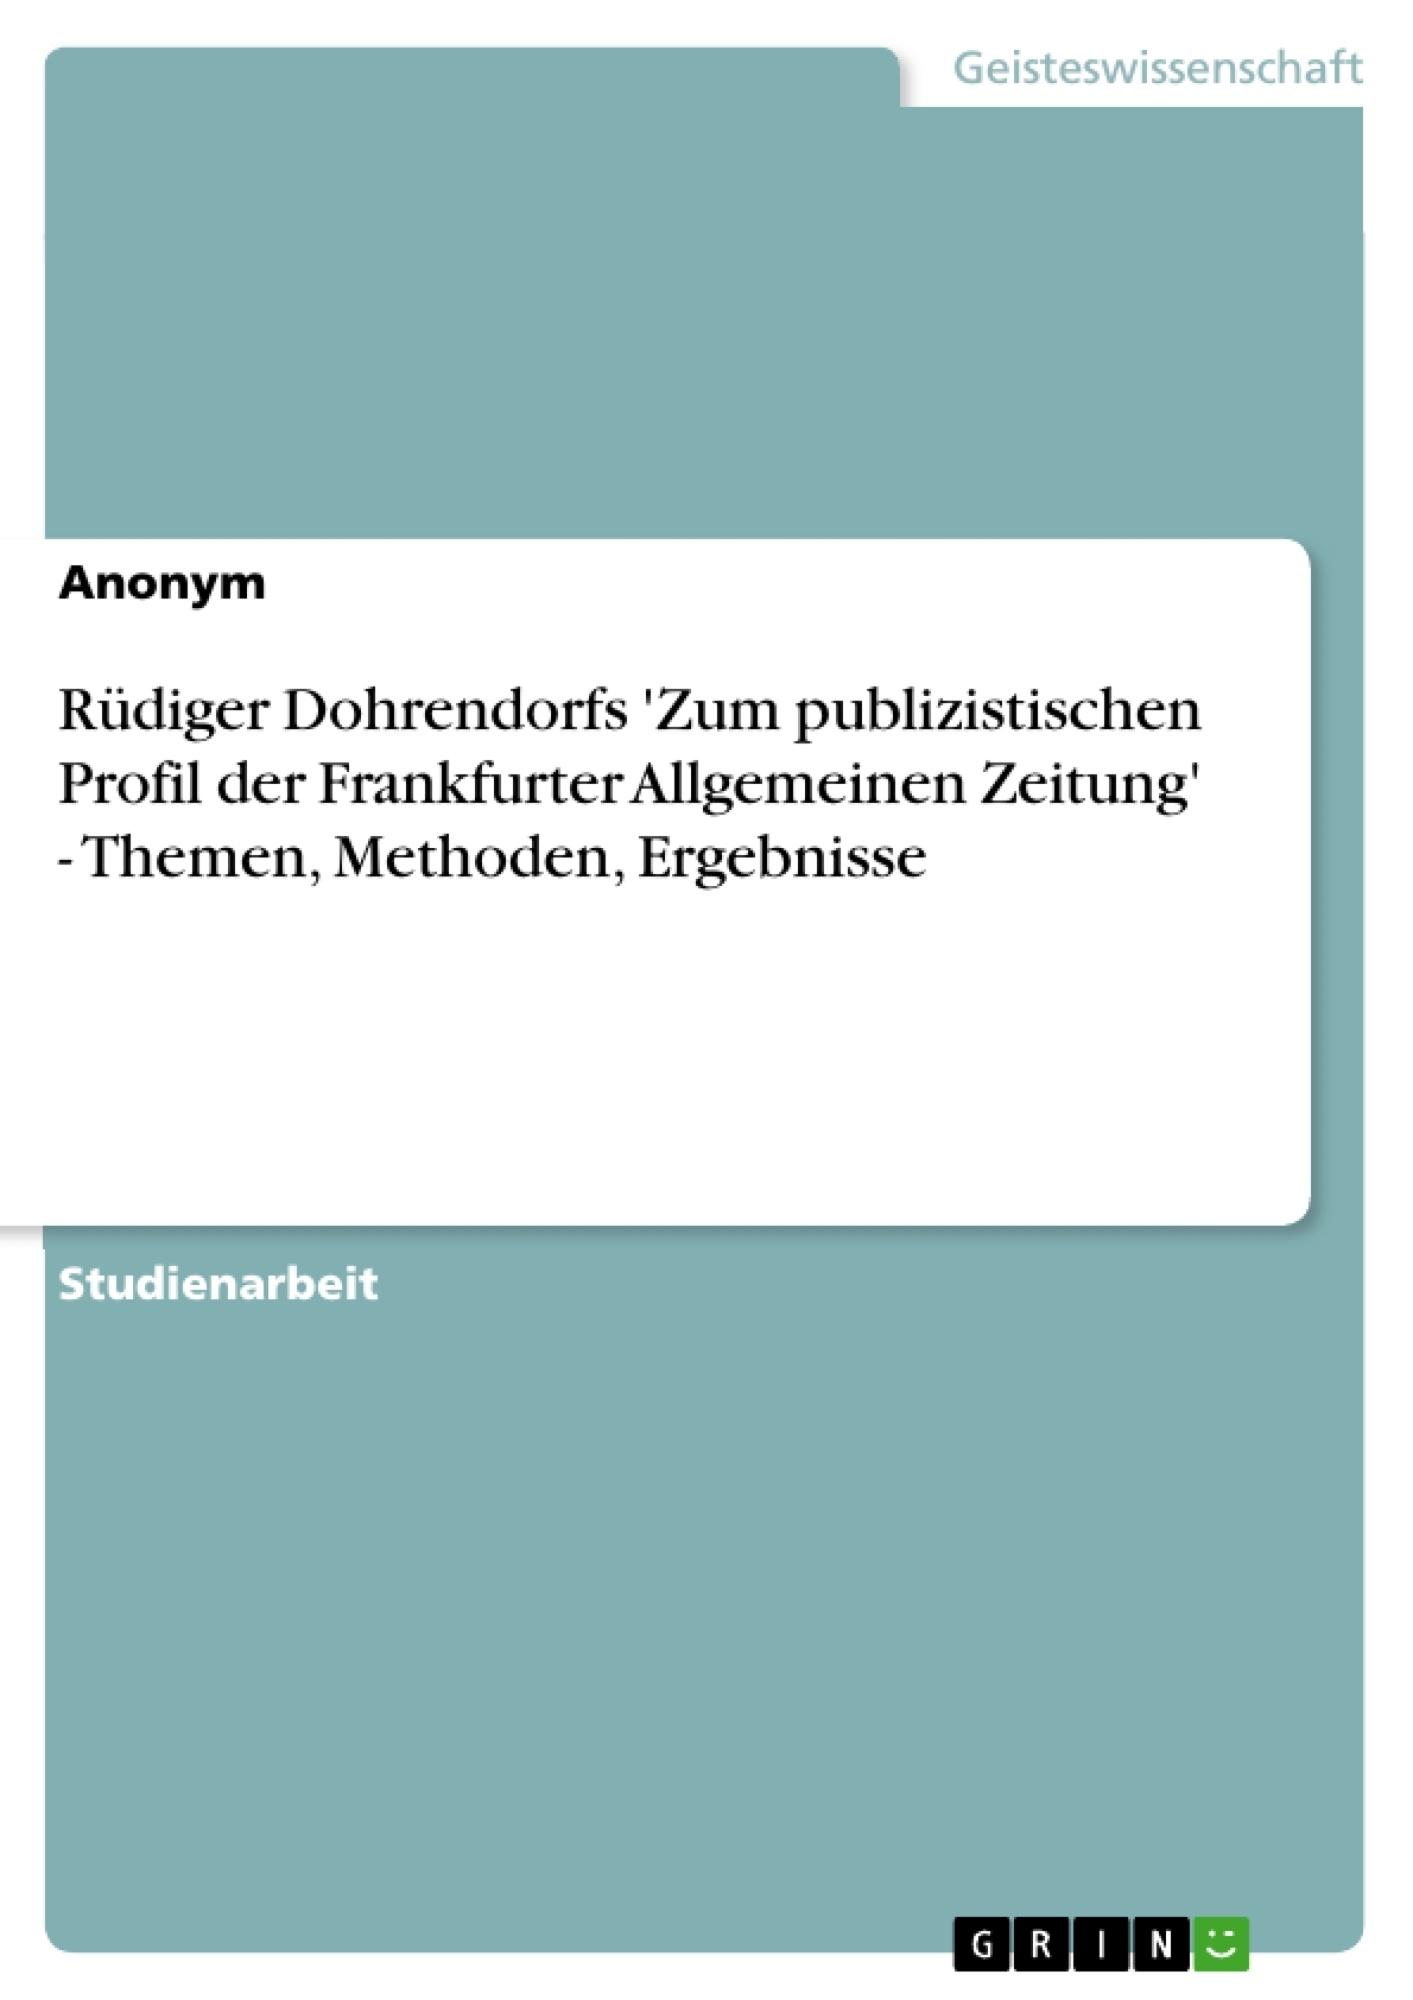 Titel: Rüdiger Dohrendorfs 'Zum publizistischen Profil der Frankfurter Allgemeinen Zeitung' - Themen, Methoden, Ergebnisse